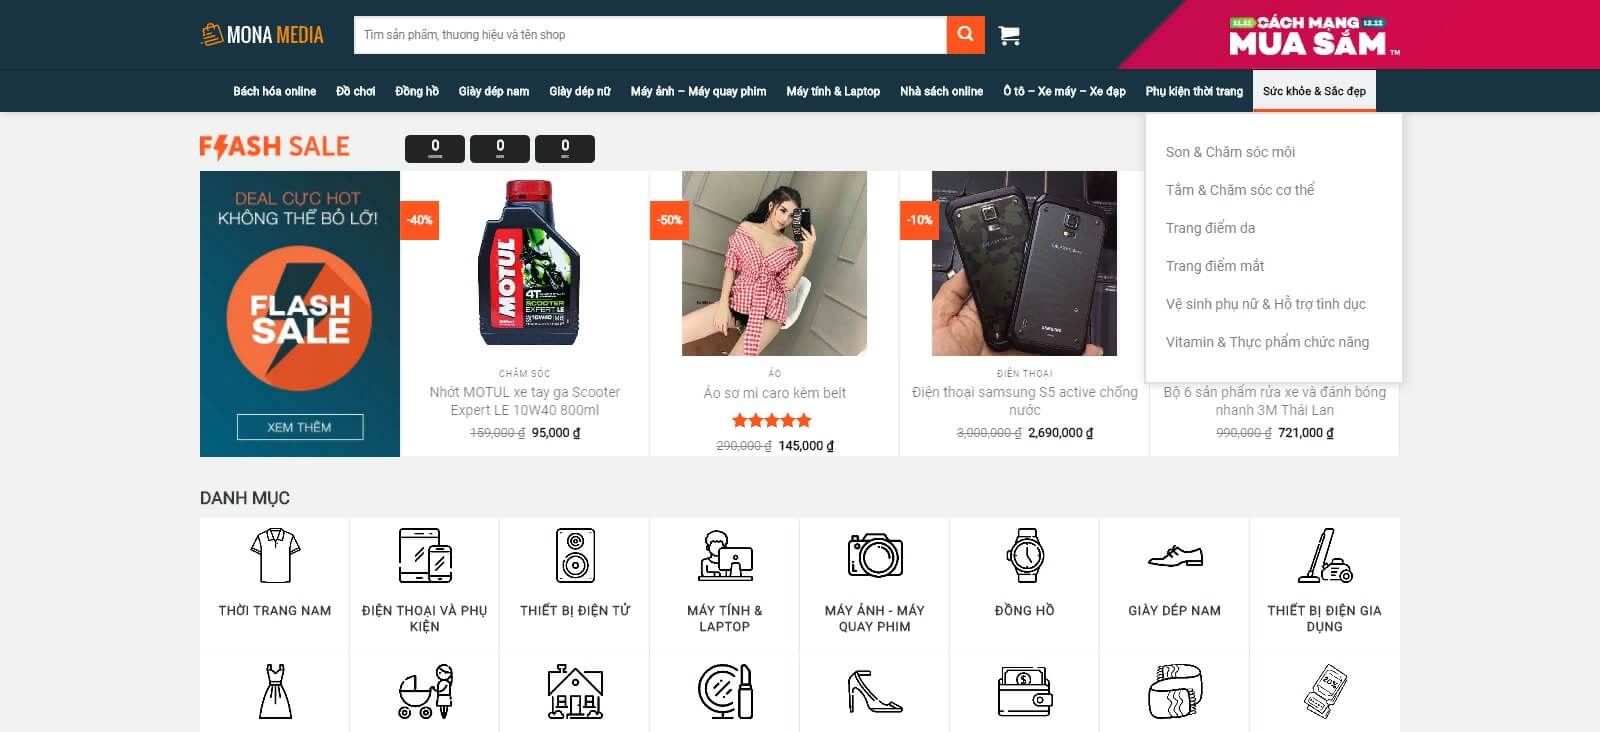 Các chức năng của mẫu website siêu thị